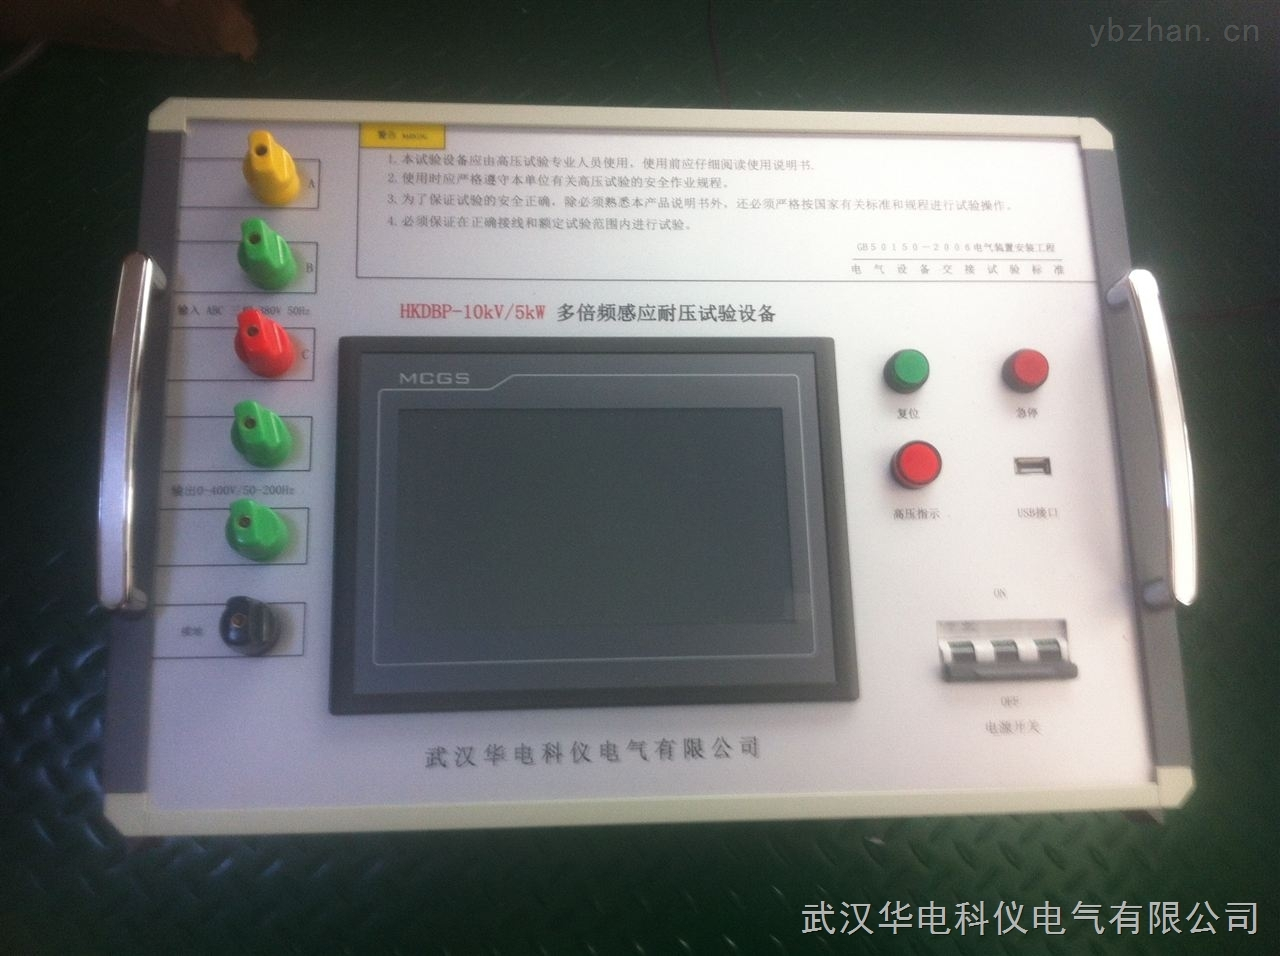 设备名称:多倍频感应耐压试验装型 号:HKDBP-10KV/5KW 数 量:1台套生产厂家:武汉华电科仪电气有限公司产品关键字:一、概述变压器和互感器的感应耐压试验是保证产品质量符合国家标准的一项重要试验。变压器绕组的匝间,层间,段间及相间的纵绝缘感应耐压试验,则是变压器绝缘试验中的重要项目。纵绝缘试验需要通过倍频电源装置,施加试验电压,进行耐压试验。HKDBP电子式多倍频试验装置是为满足上述要求而设计制造,经过广大用户使用证明:其操作简单,性能可靠,能较好地满足变压器、互感器感应耐压试验的需要。二、技术